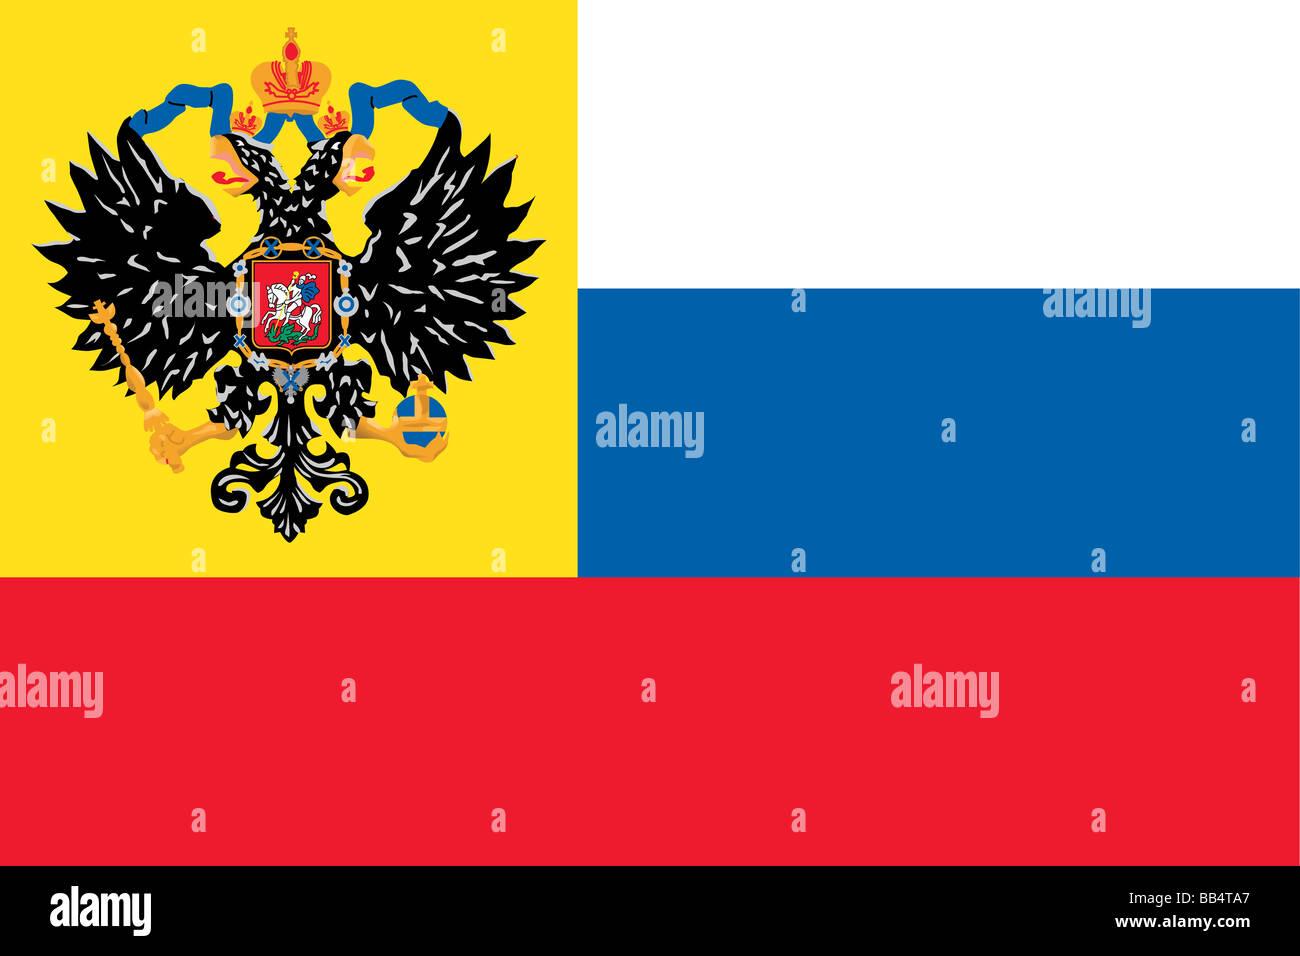 Bandera histórica del Imperio Ruso desde 1914 hasta 1917. Imagen De Stock